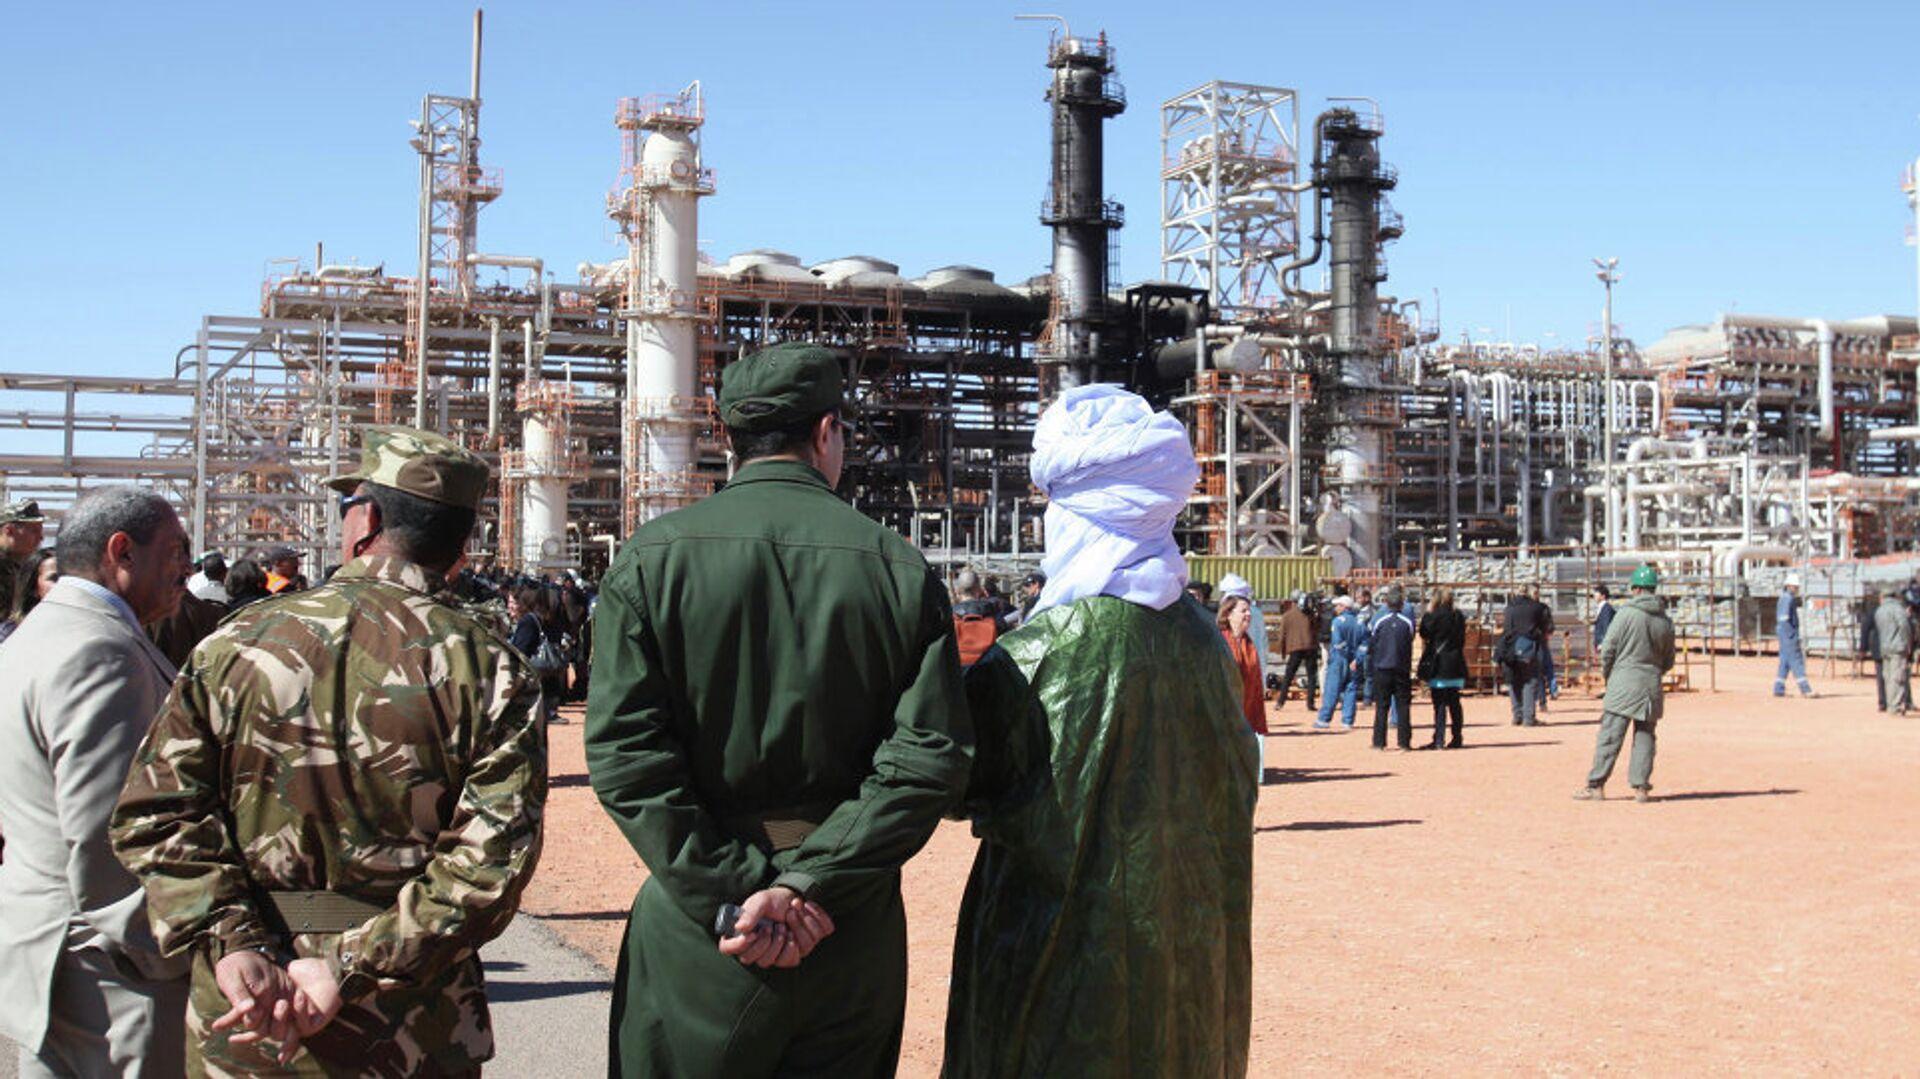 Cezayir'de Ocak 2003'teki saldırıda 38 kişinin hayatını kaybettiği doğalgaz tesisi - Sputnik Türkiye, 1920, 27.08.2021